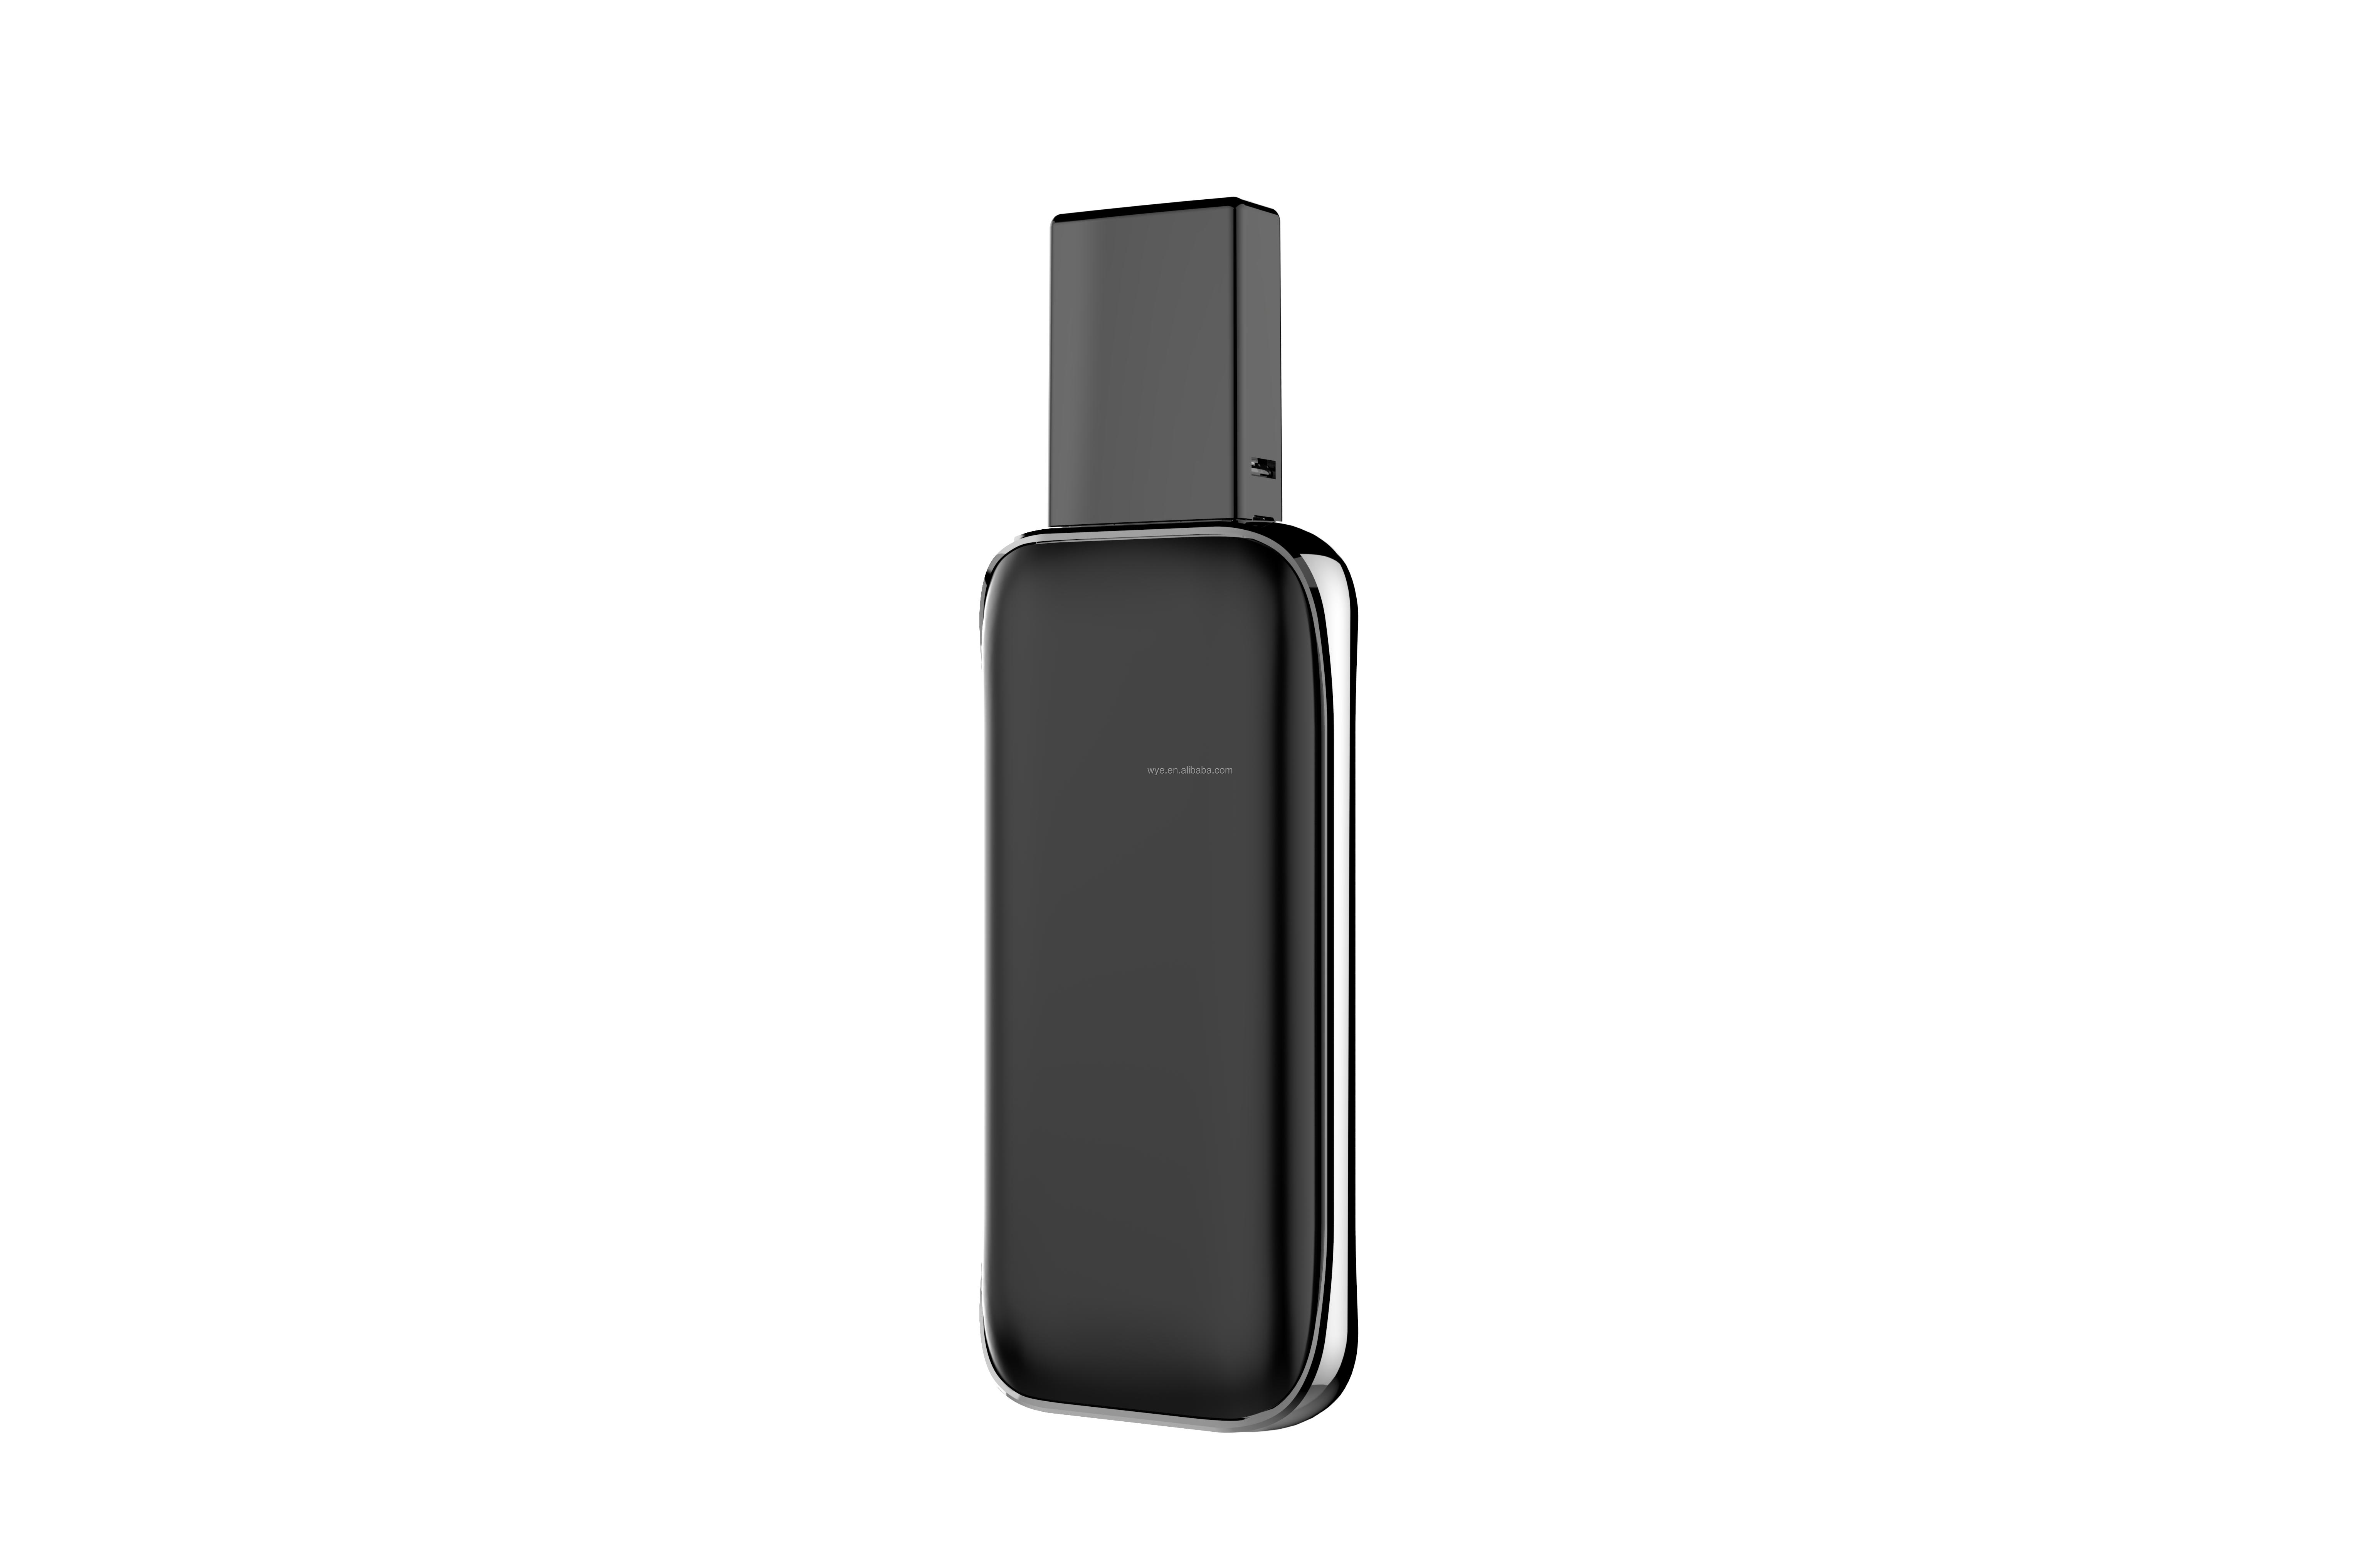 Print logo cbd vape pen disposable sarter kit 1ml 350mah rechargeable portable electronic cigarette flat vapepods